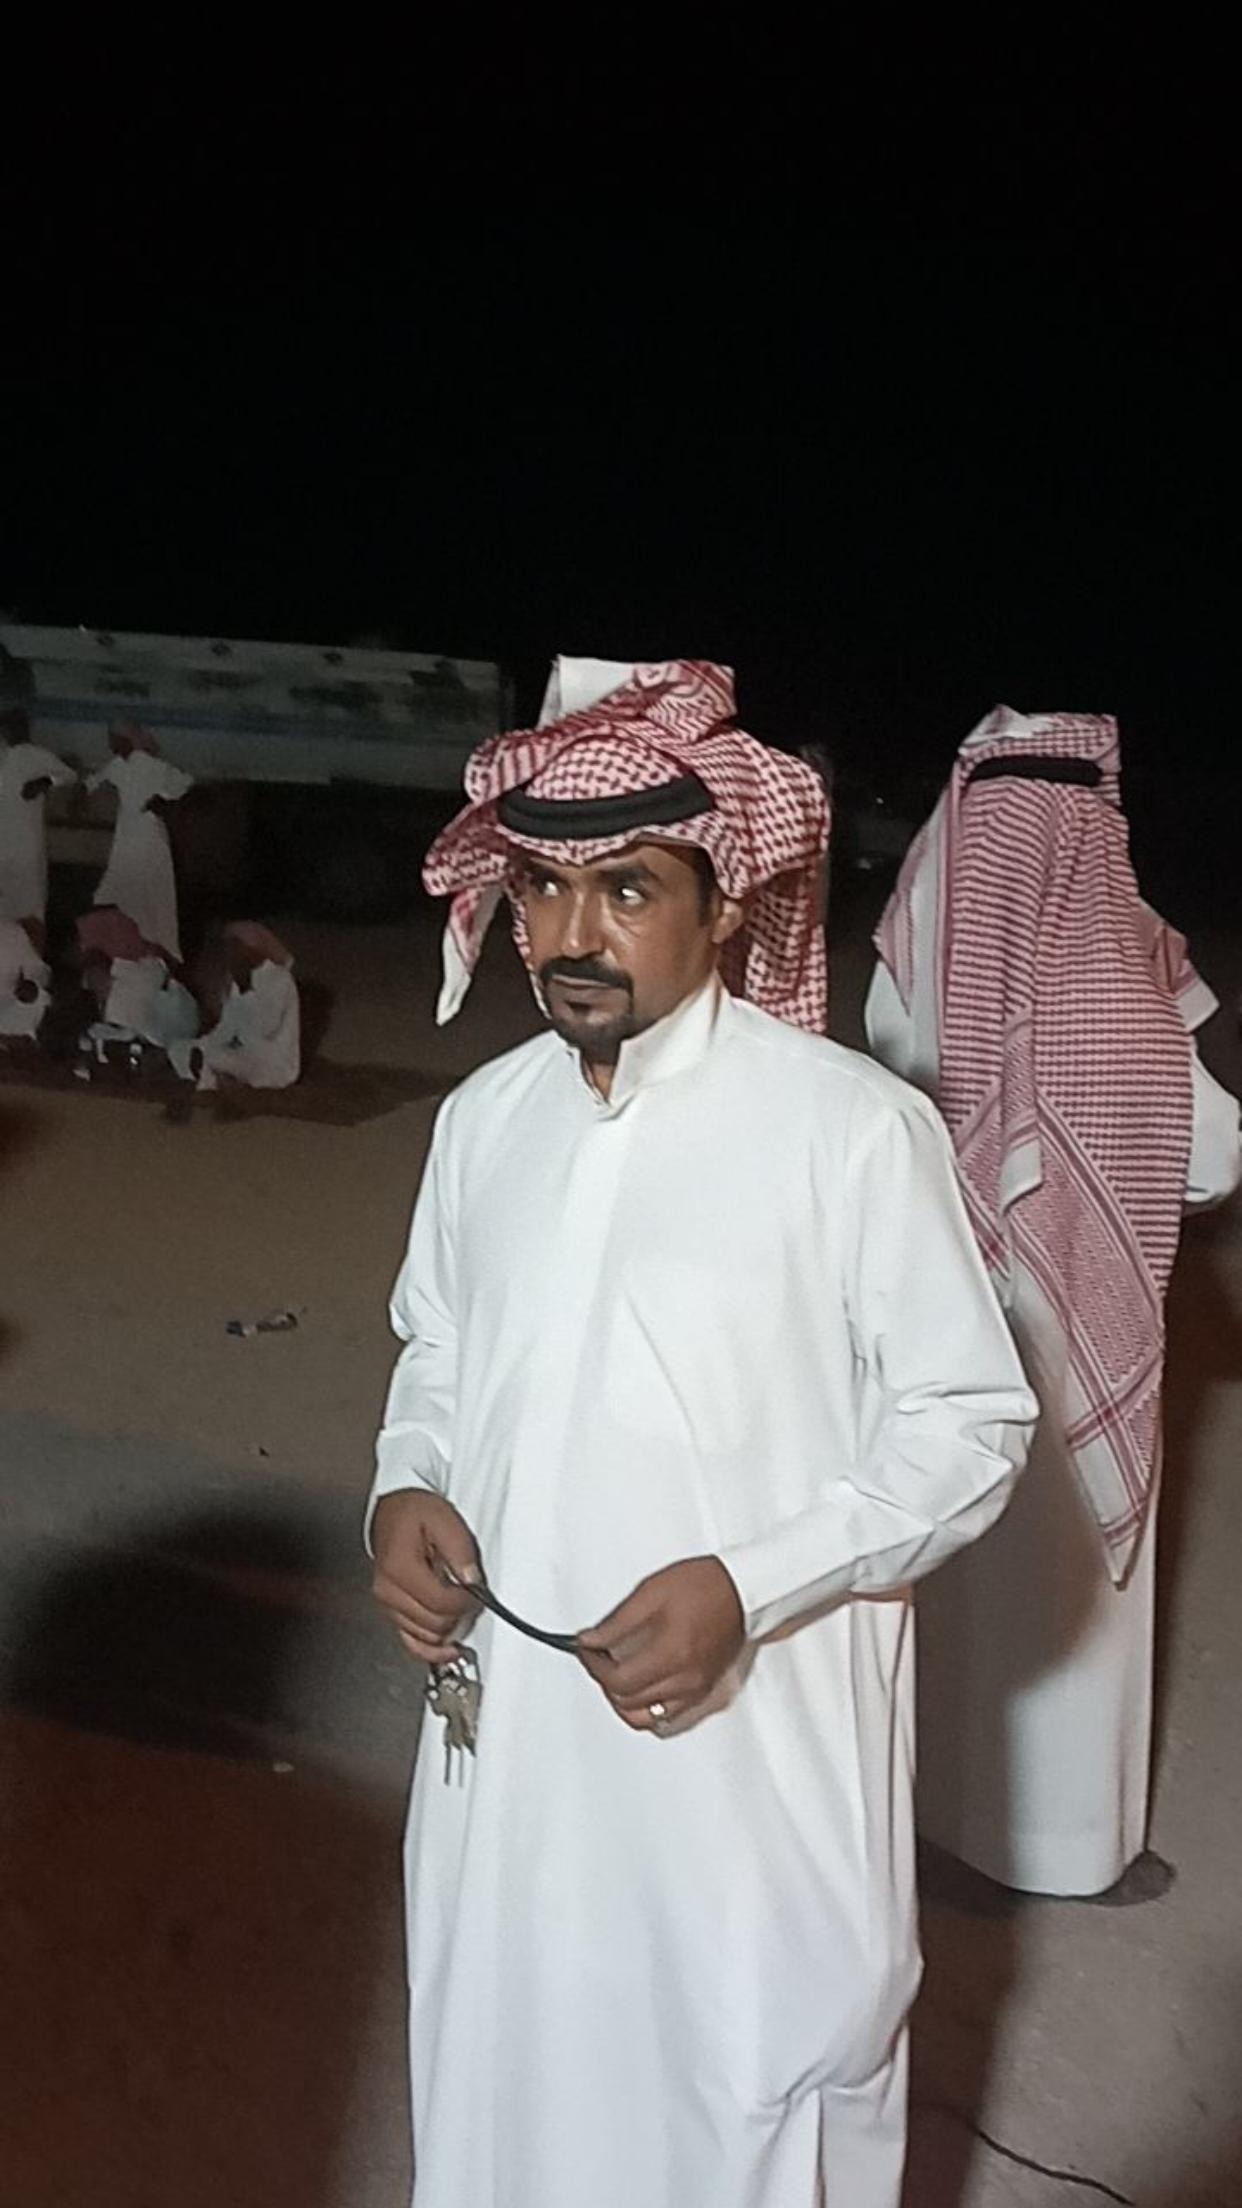 الشاب / حمدان فرج الجحم البلوي يحتفل بزواجه 155D78A2 EBE8 42DB A55F 12A1B728B9A2